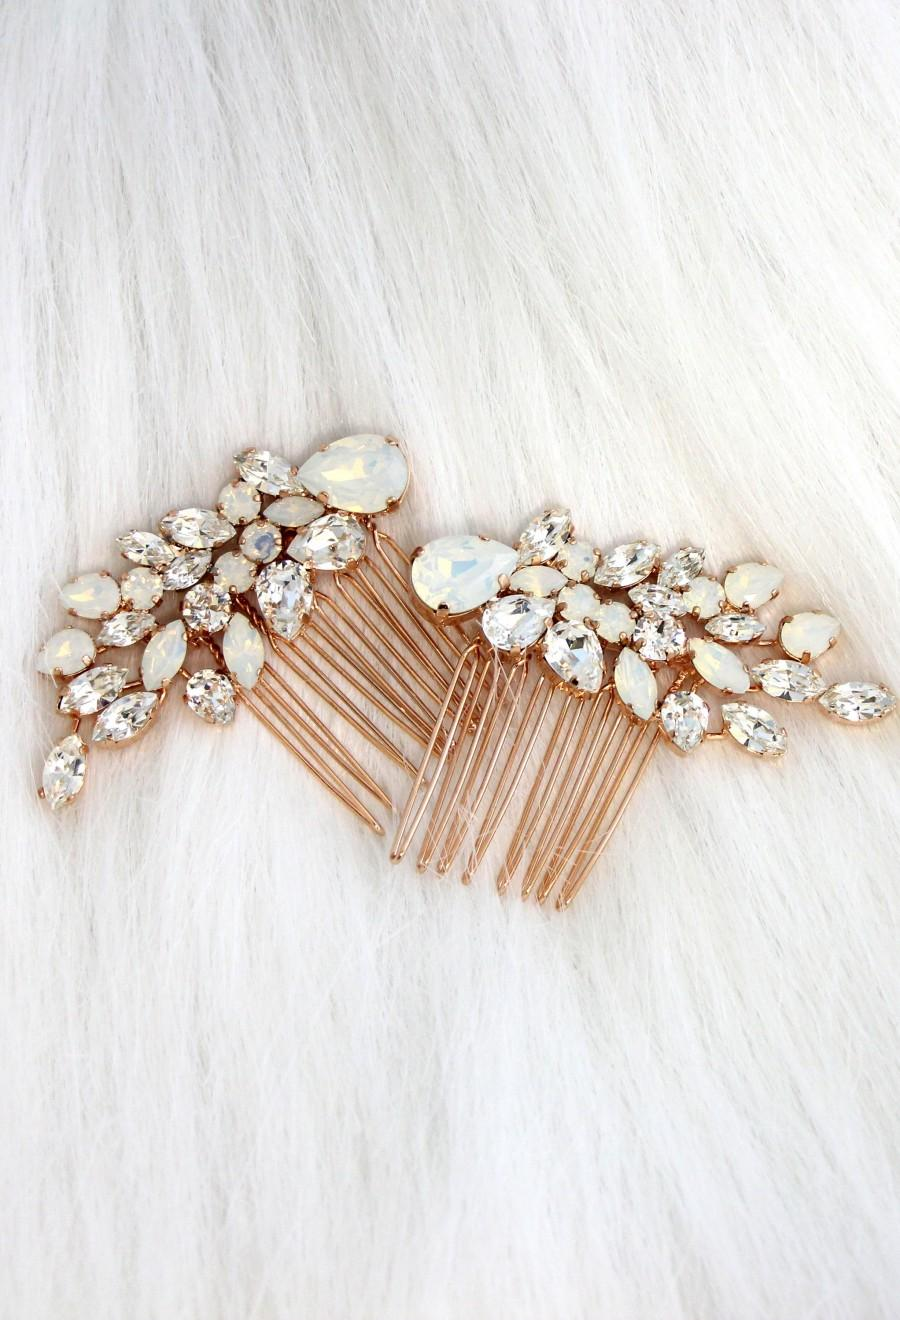 Mariage - Bridal Hair Comb, Swarovski Opal Hair Comb, Rhinestone Hair Comb, Bridal Hair Accessories, Rose Gold Hair Comb, Bridal White Opal Hair Comb